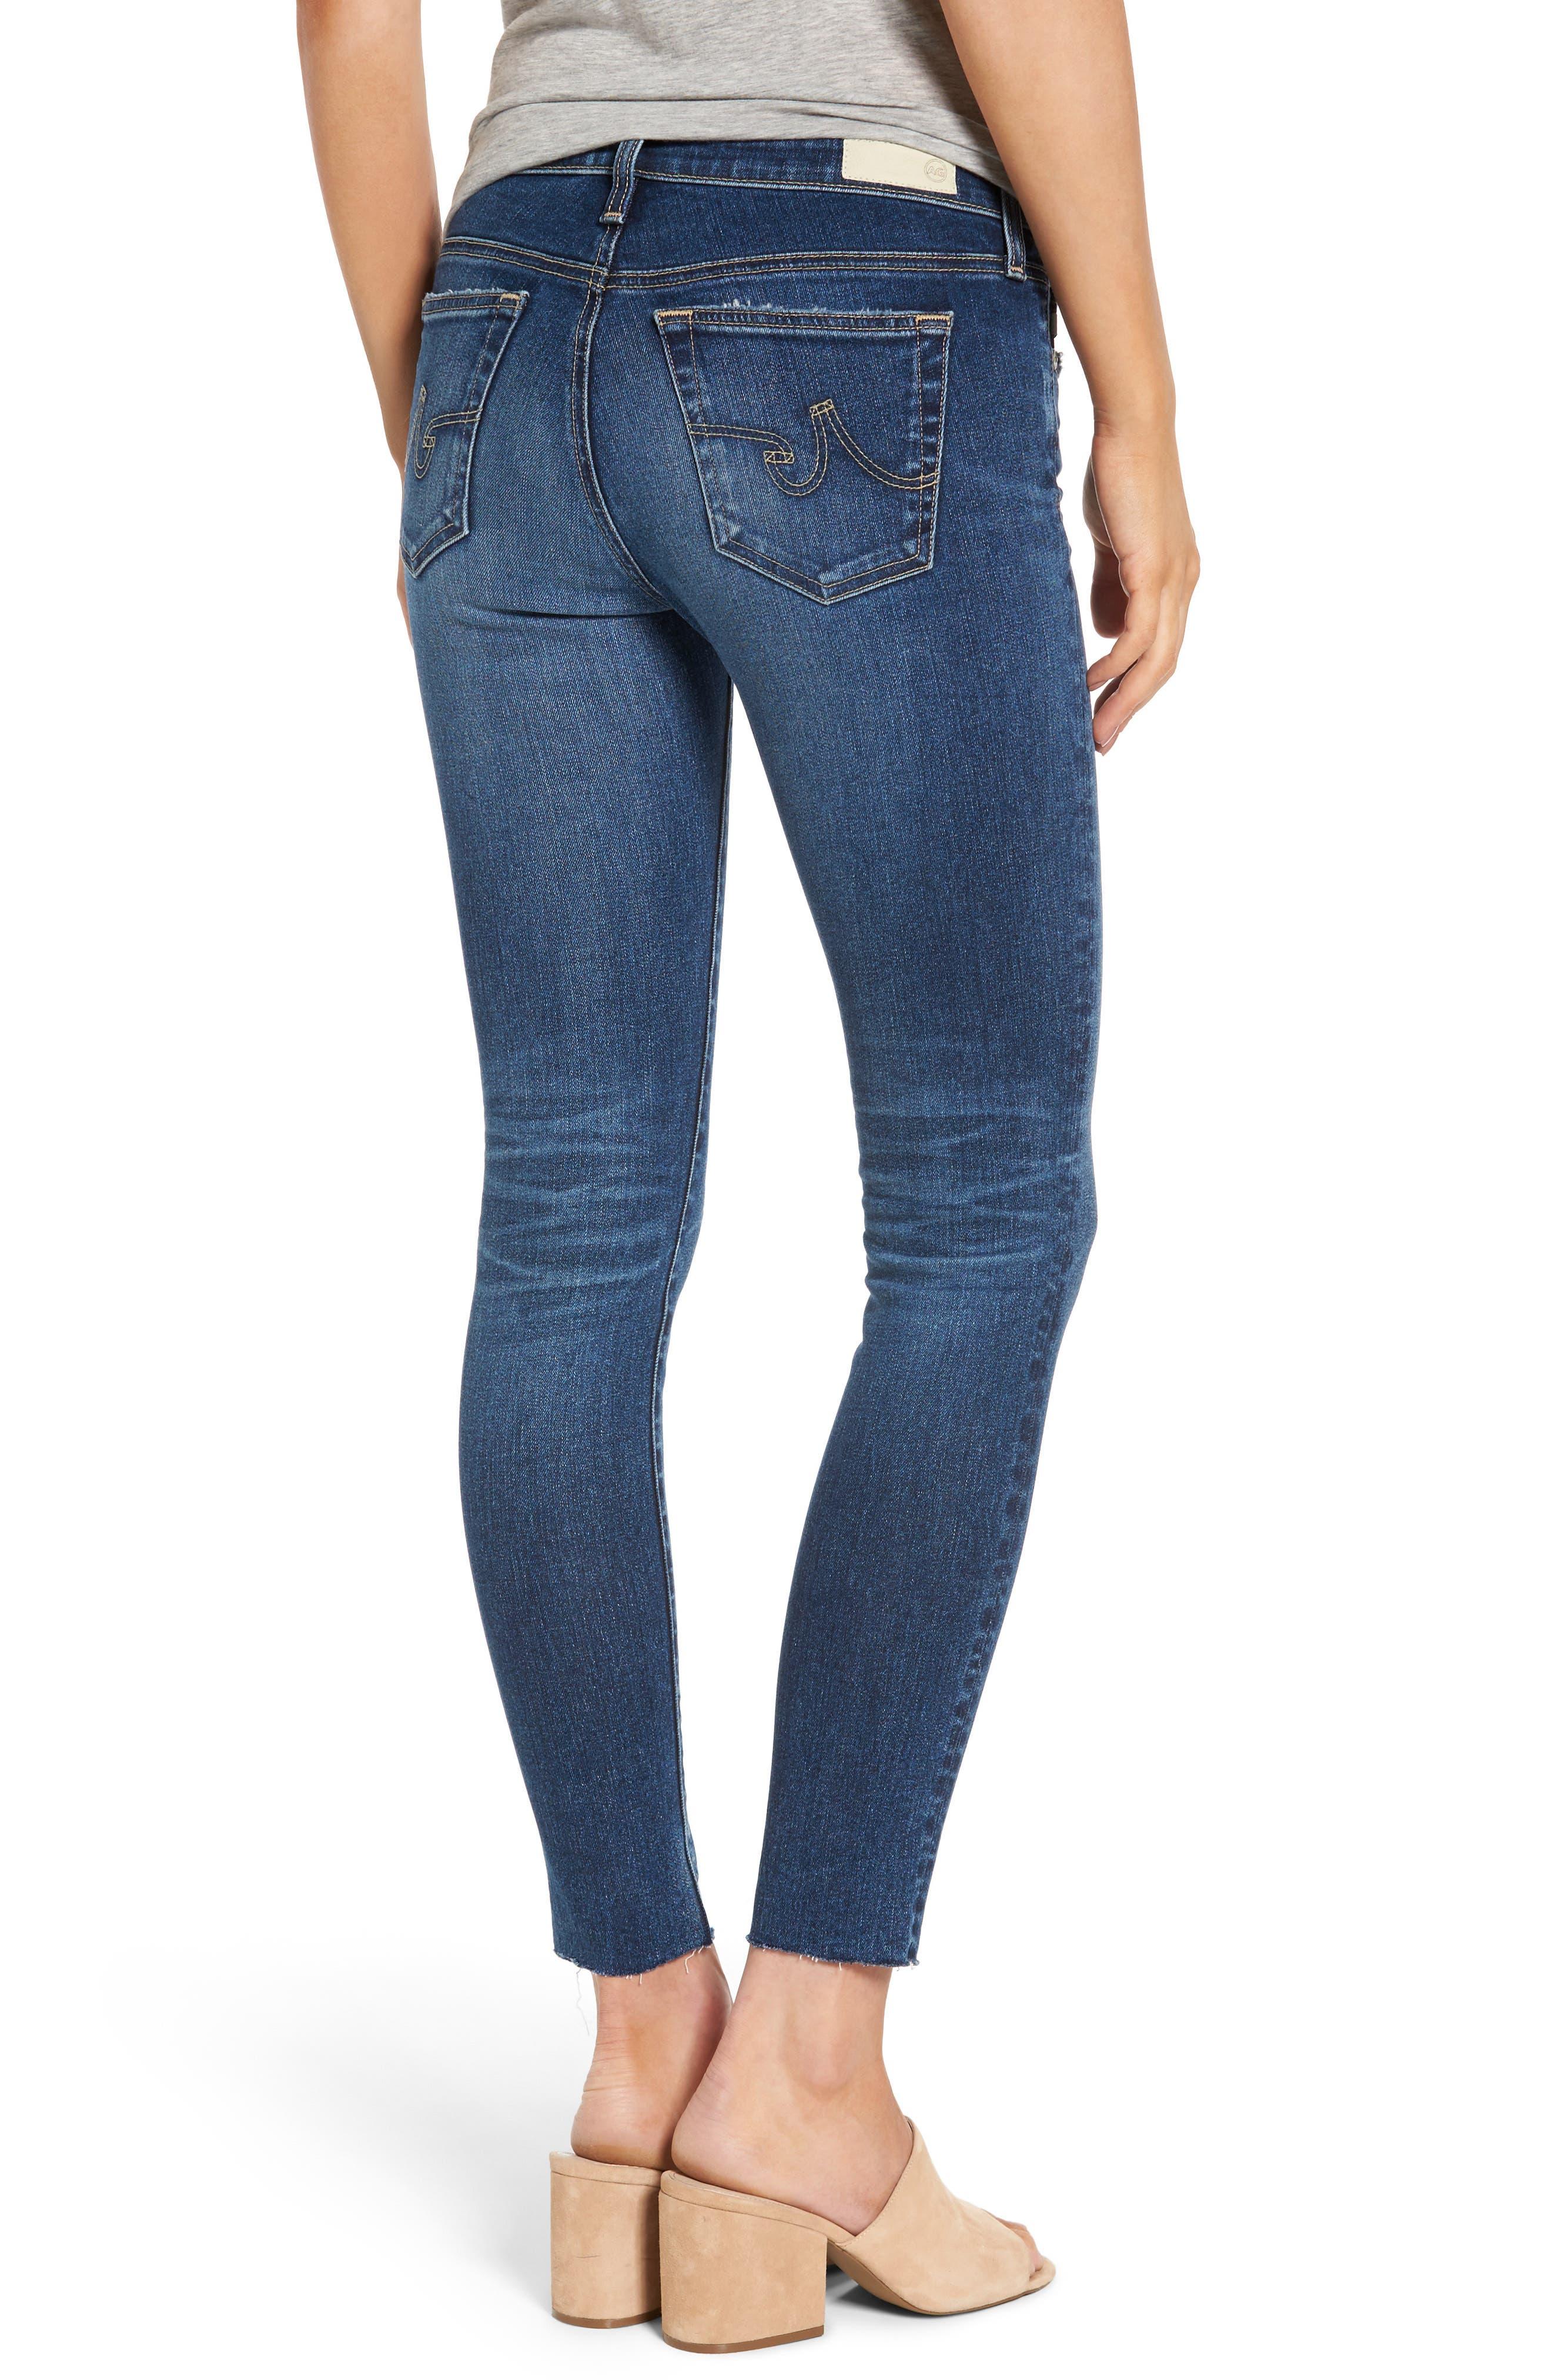 Alternate Image 3  - AG The Legging Raw Hem Ankle Skinny Jeans (12 Years Blue Dust)